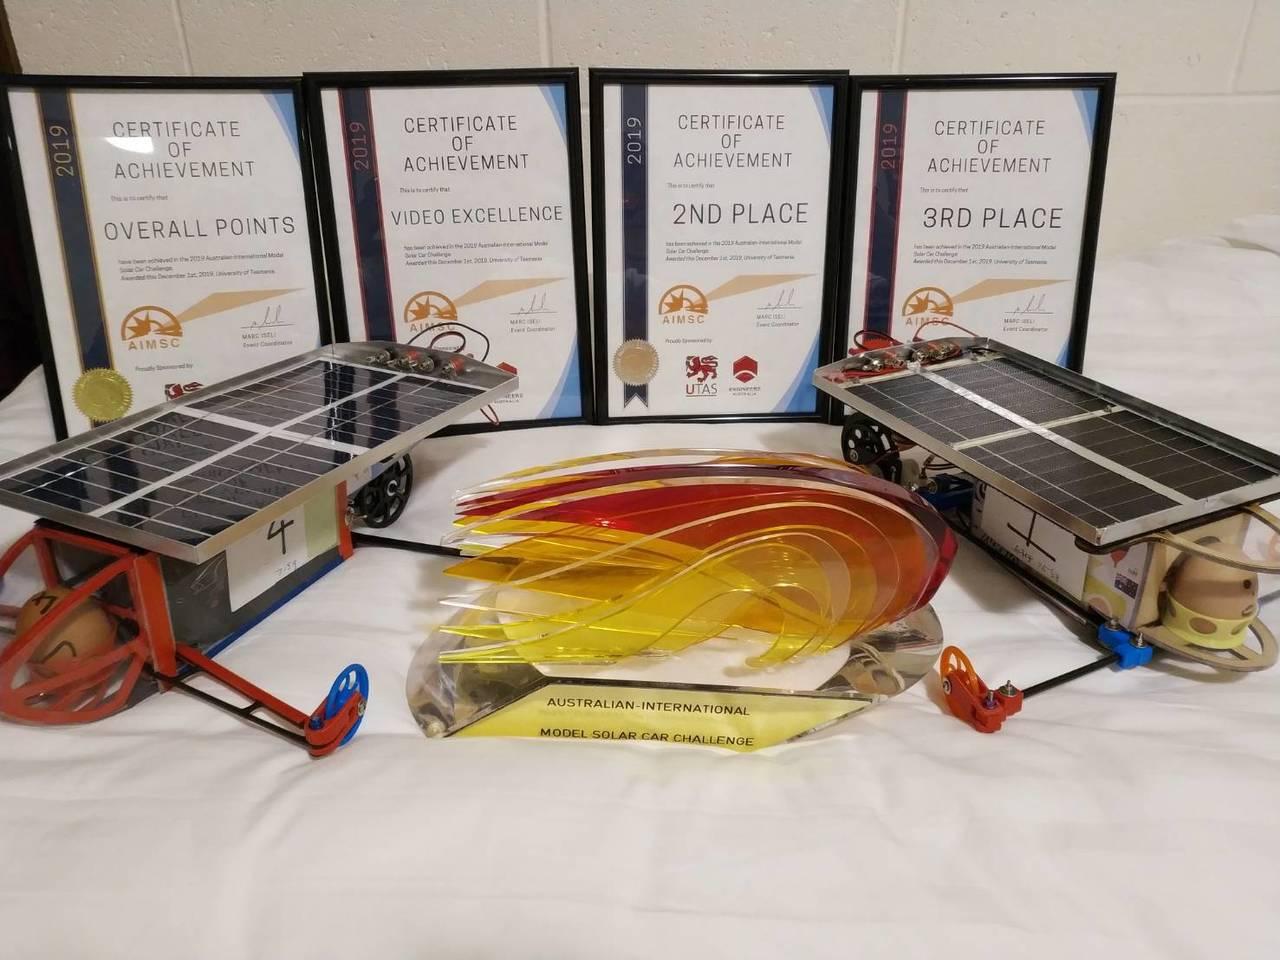 太陽能模型車國內賽二信屈第二,澳洲國際賽雪恥總冠軍。圖/二信高中提供